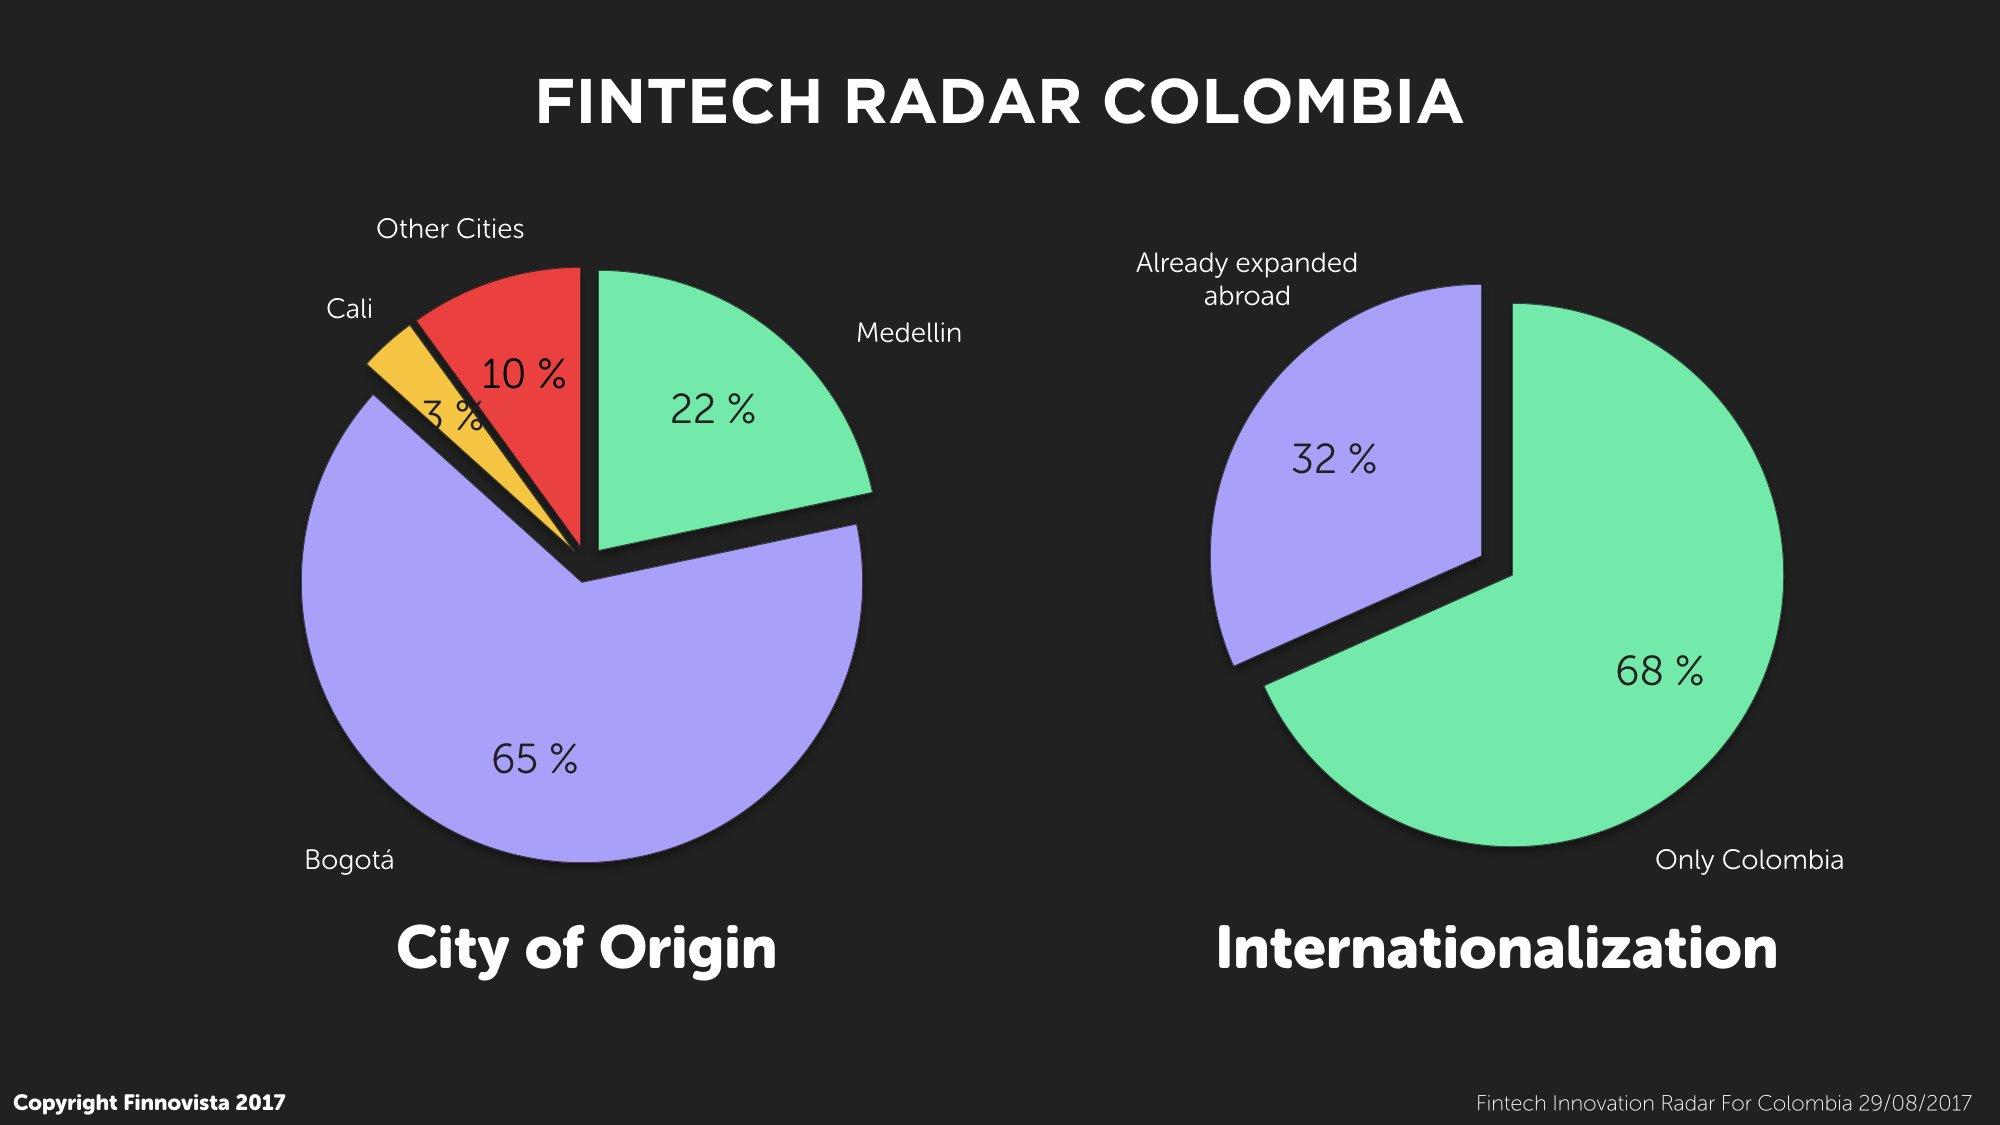 4-Fintech-Radar-Col-Origen-Int.001